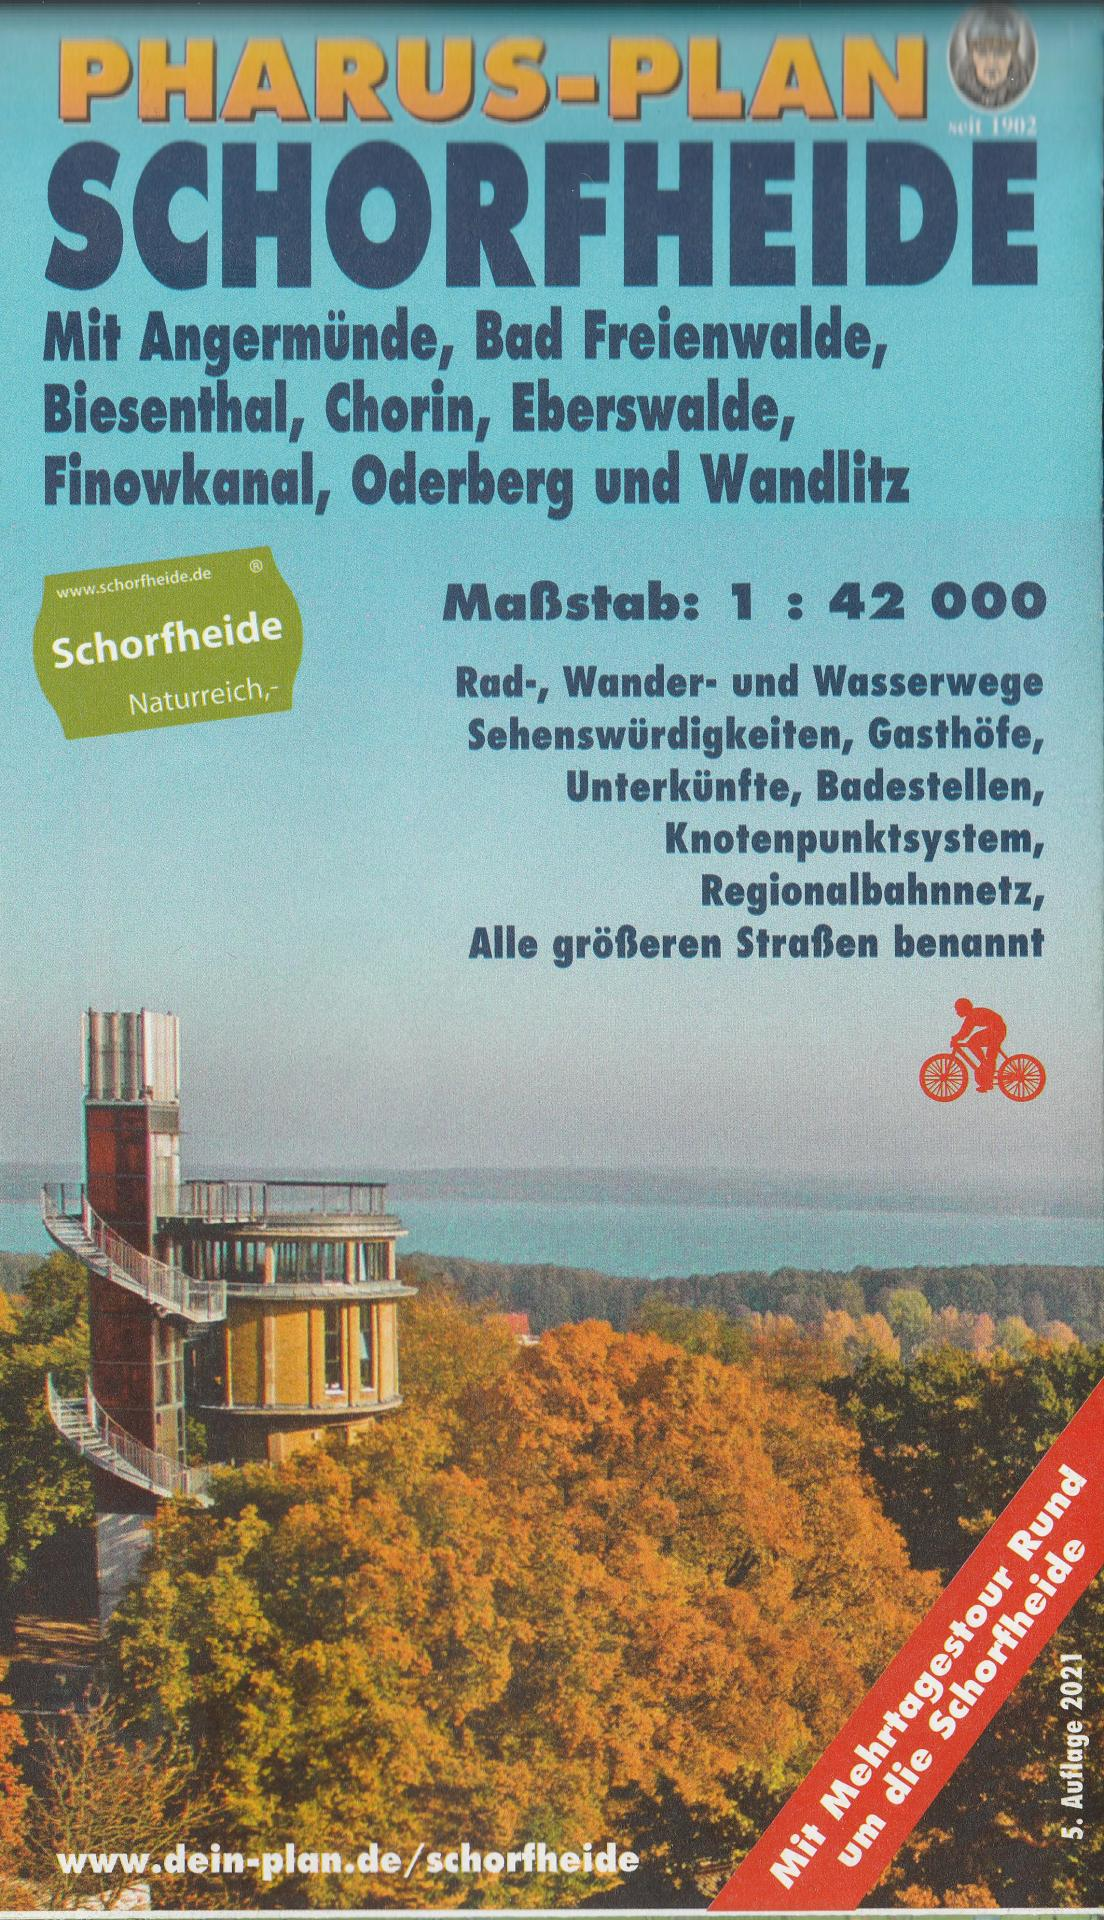 Pharus-Plan Schorfheide 5. Auflage 2021